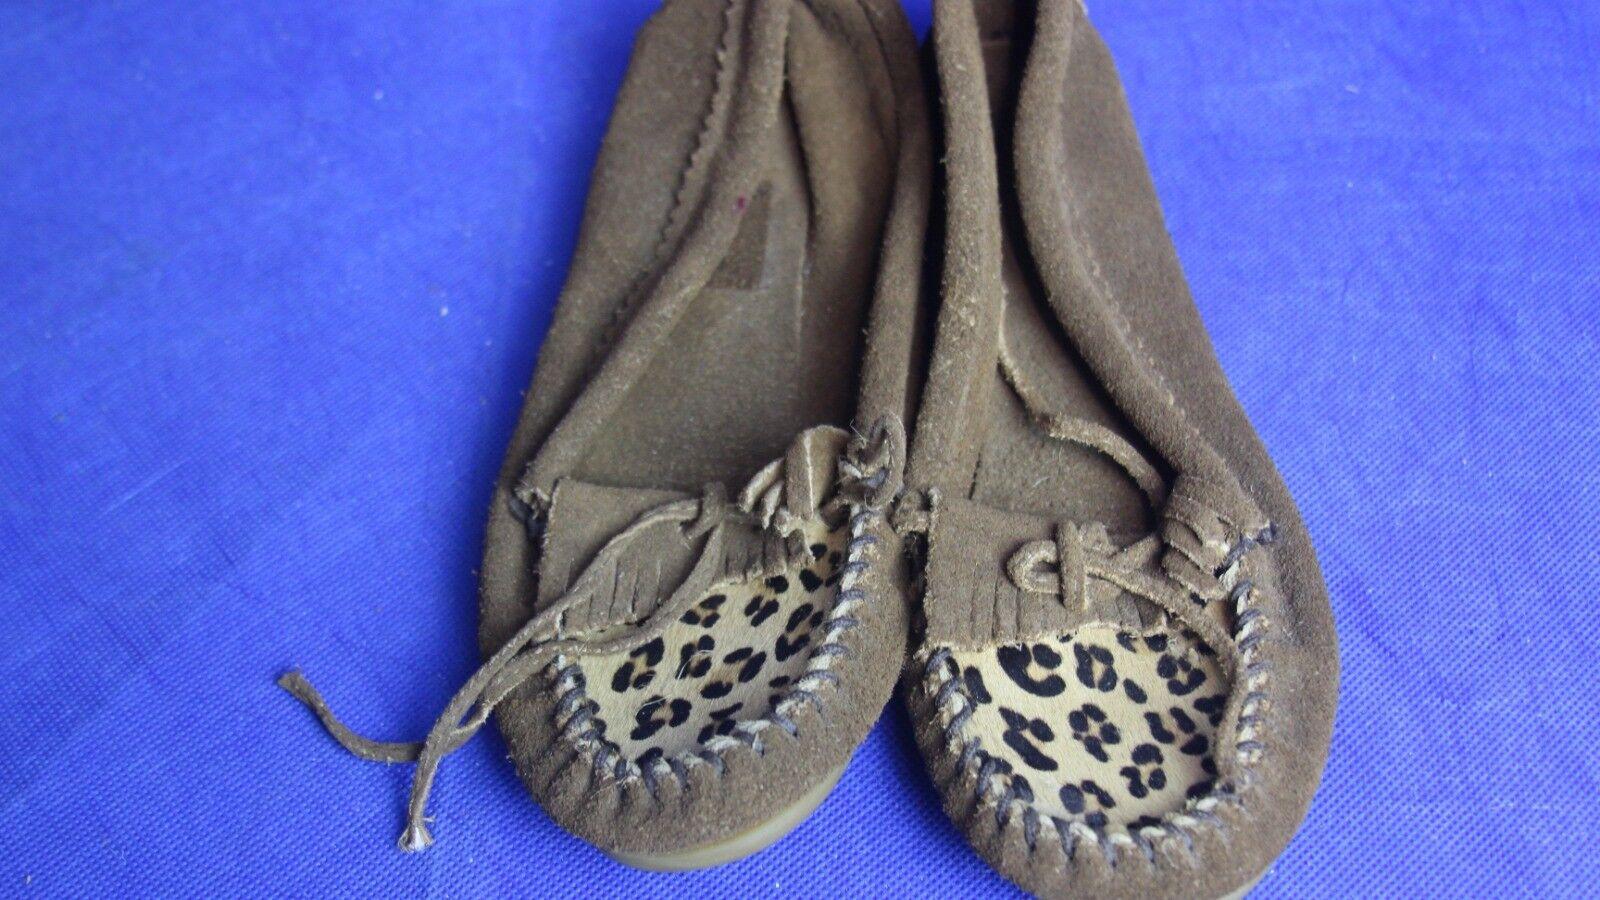 Minnetonka Women's Leopard Print Moccasins Dusty Brown Suede 343F Size 8